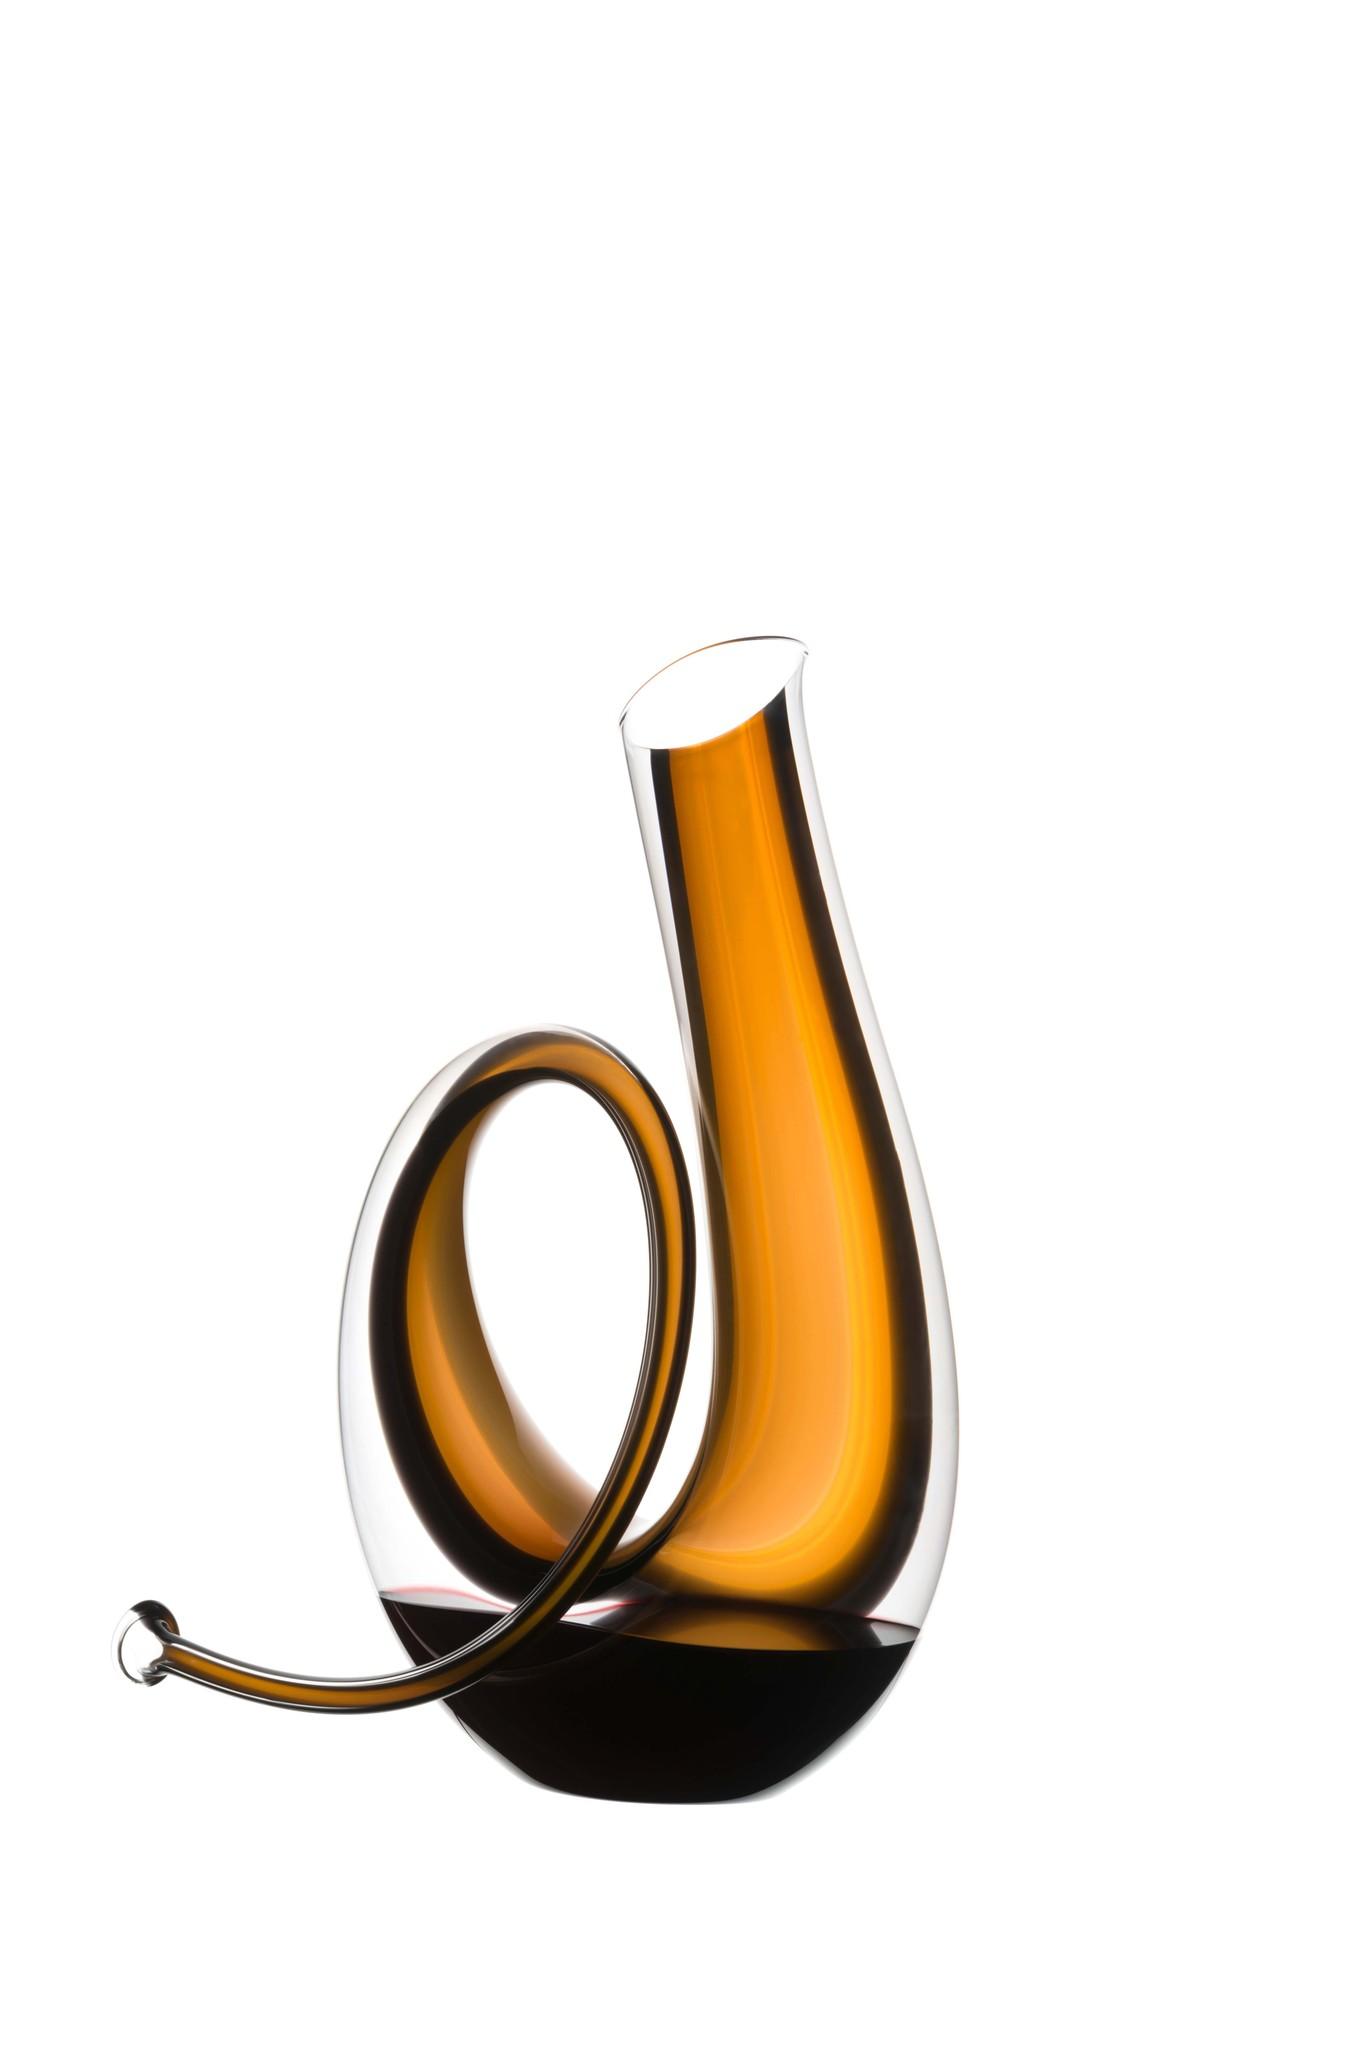 Декантеры Декантер для вина 2500 мл Riedel Horn dekanter-dlya-vina-2500-ml-riedel-horn-avstriya.jpg